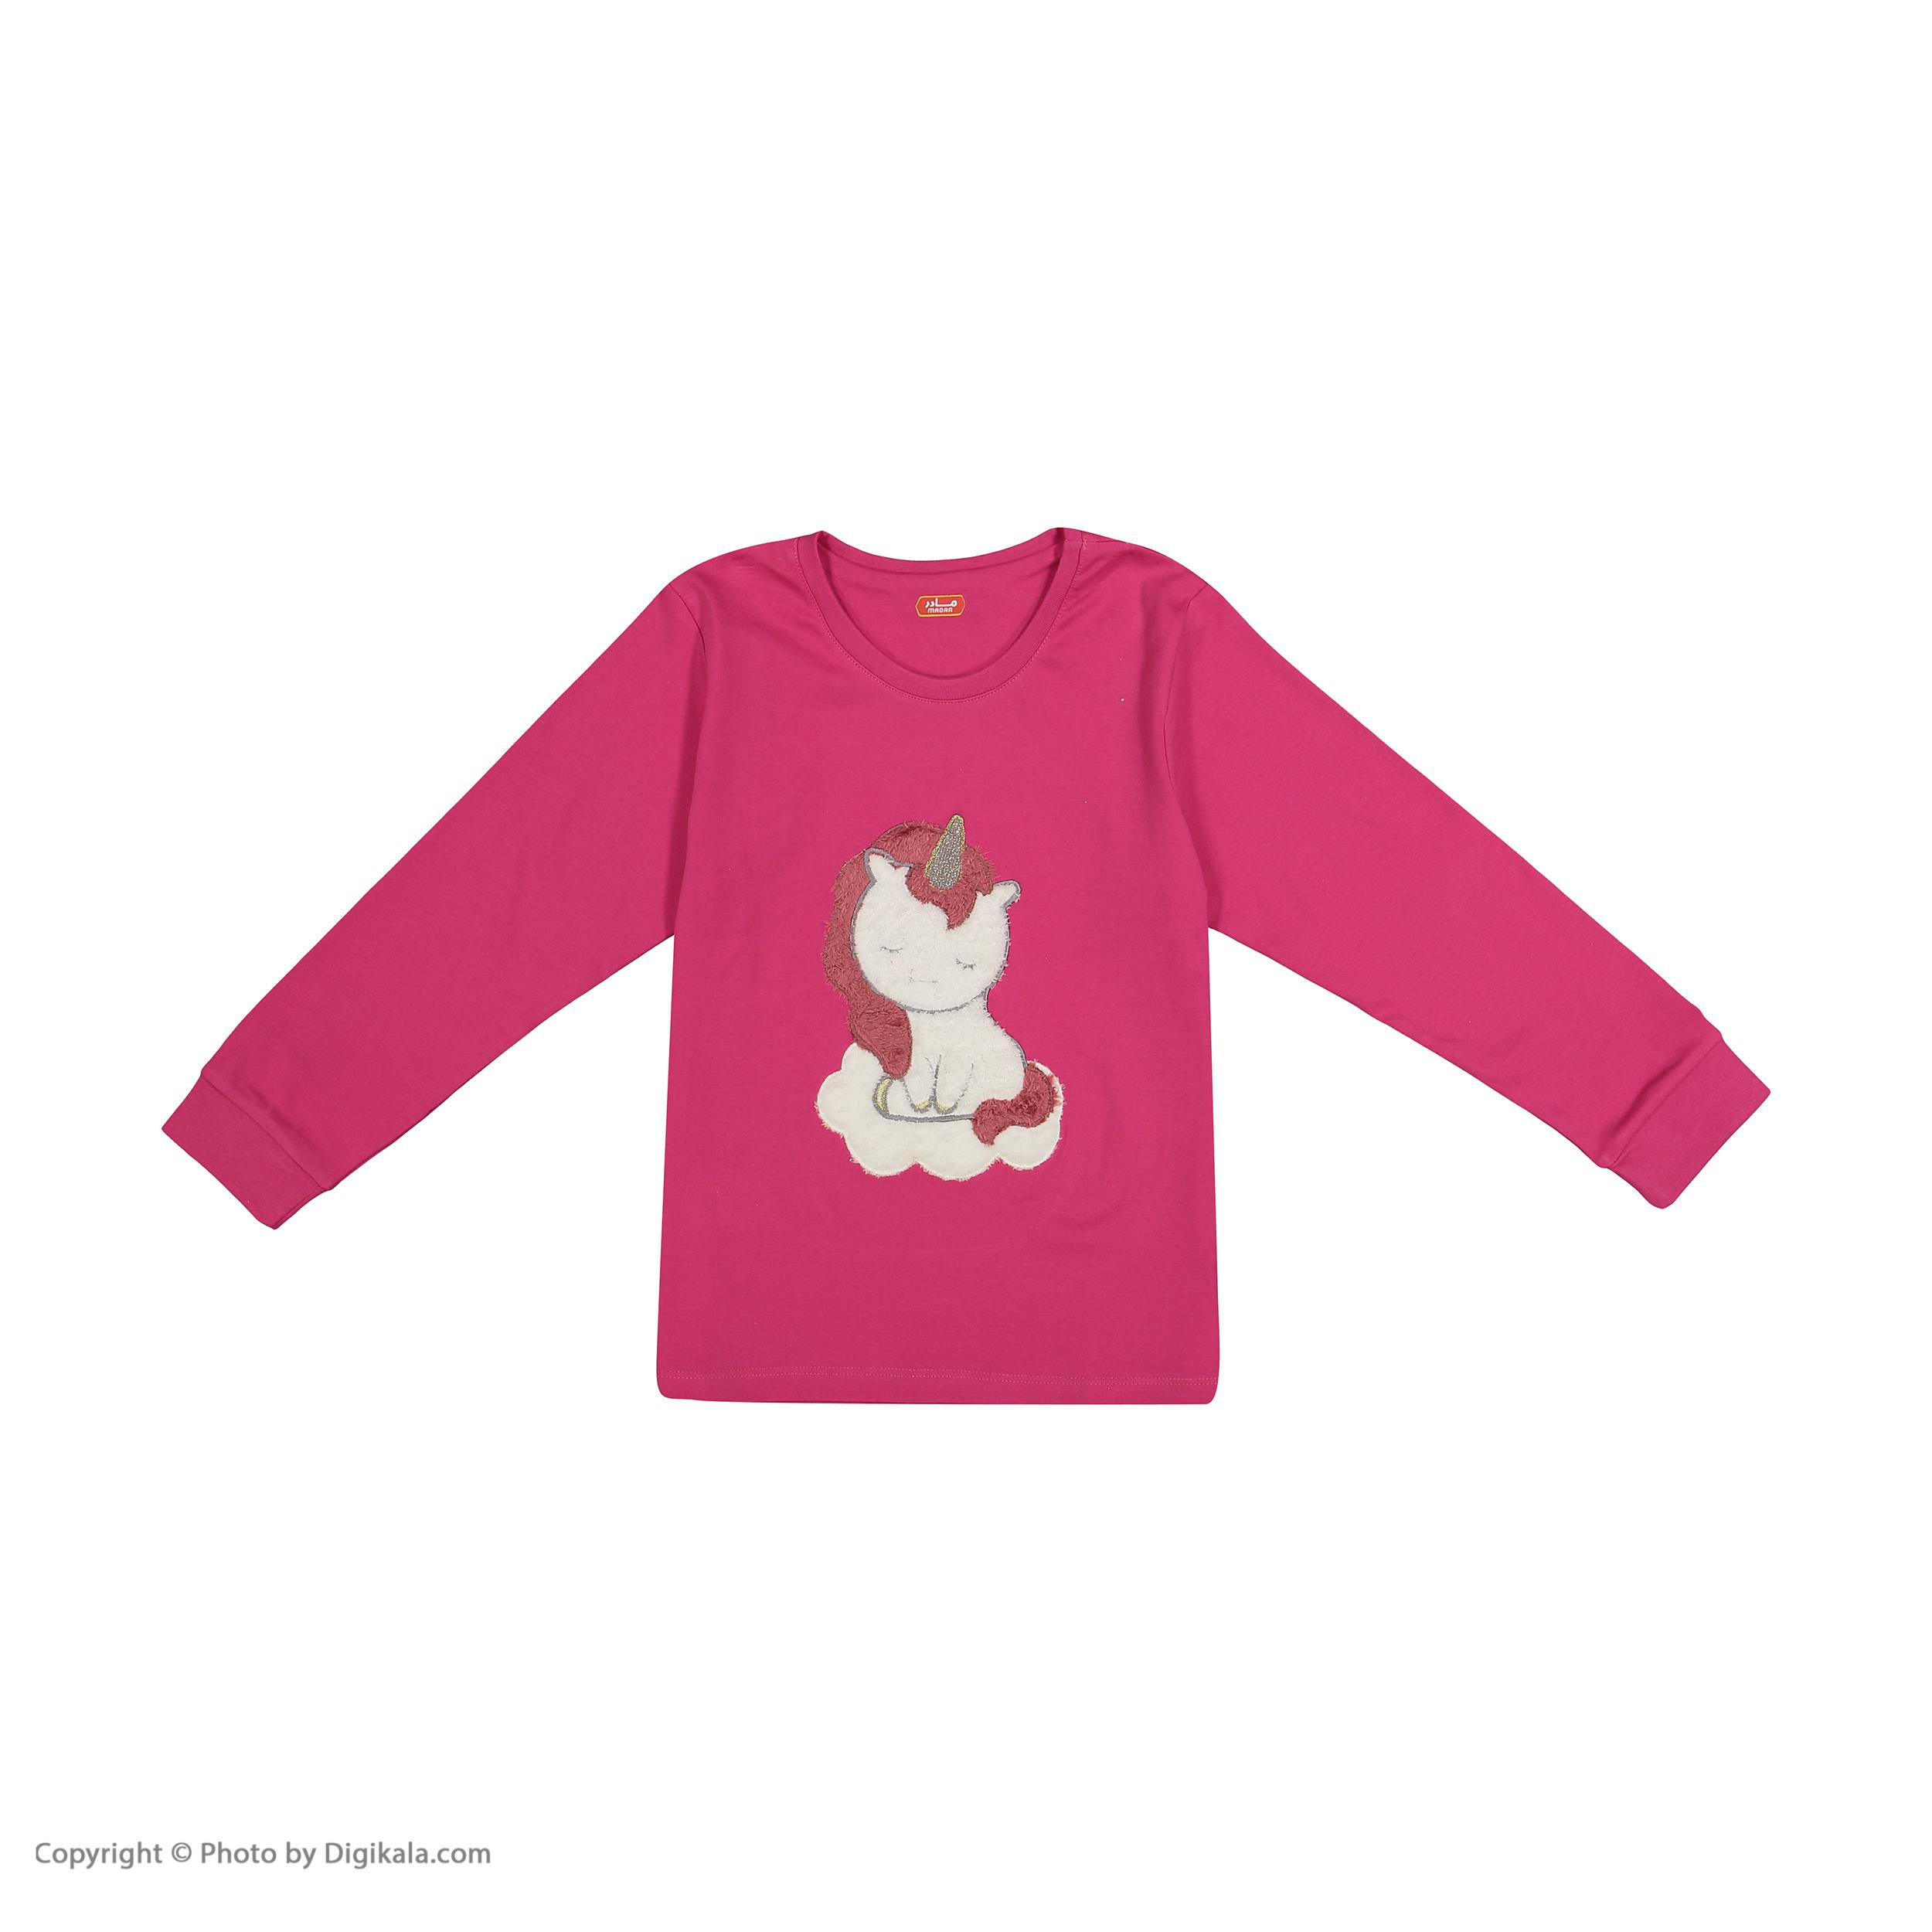 ست تی شرت و شلوار دخترانه مادر مدل 303-66 main 1 2